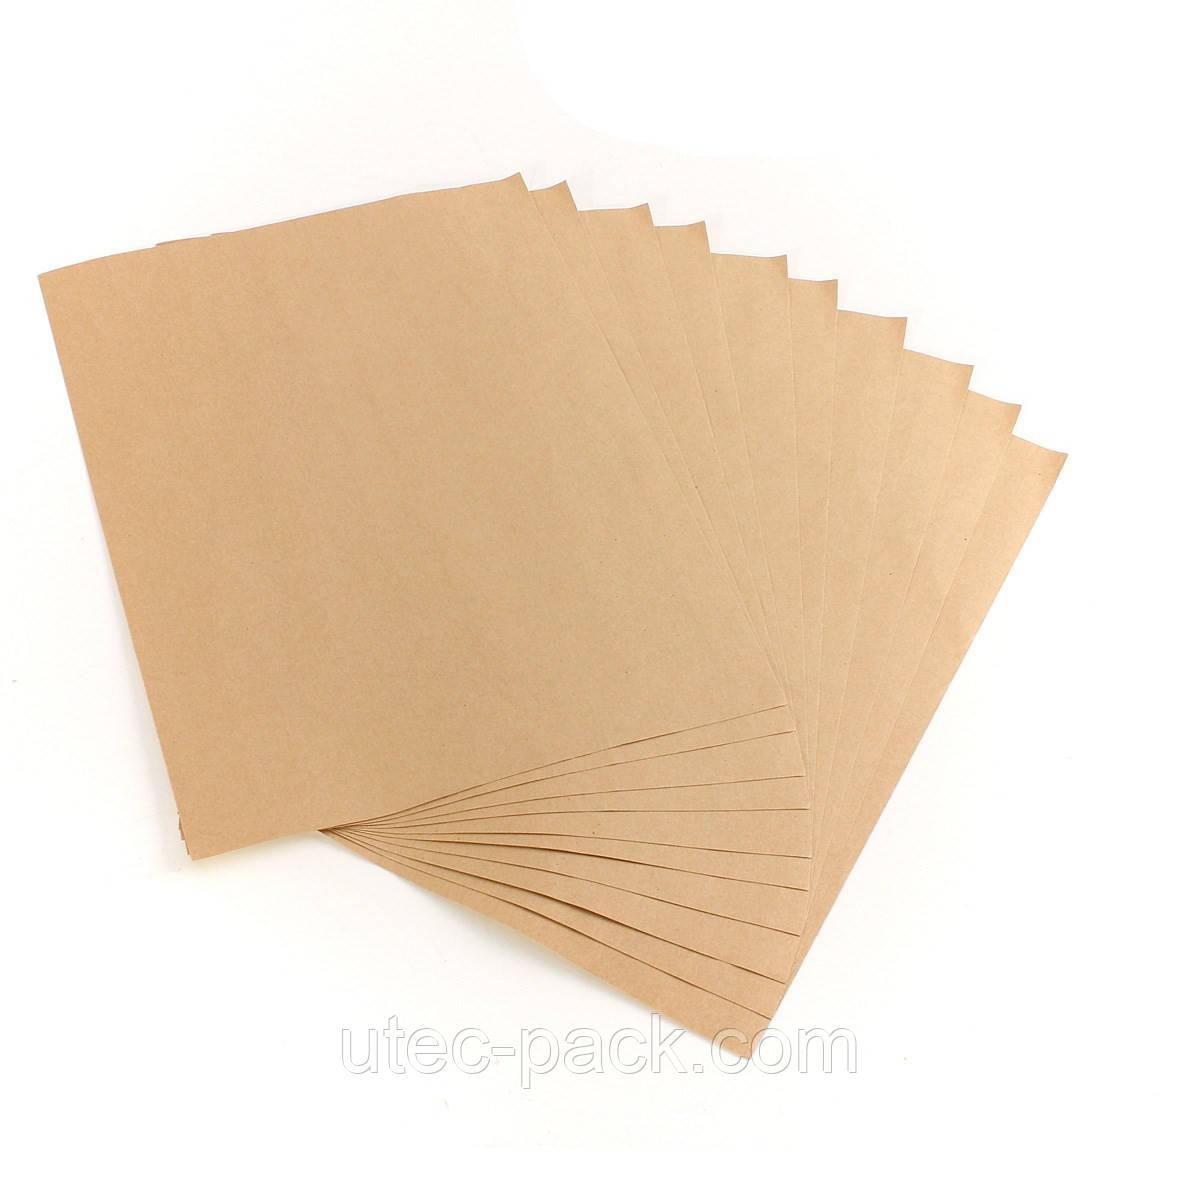 Упаковочная крафт бумага А4 80 г/м2 (250 листов в упаковке)